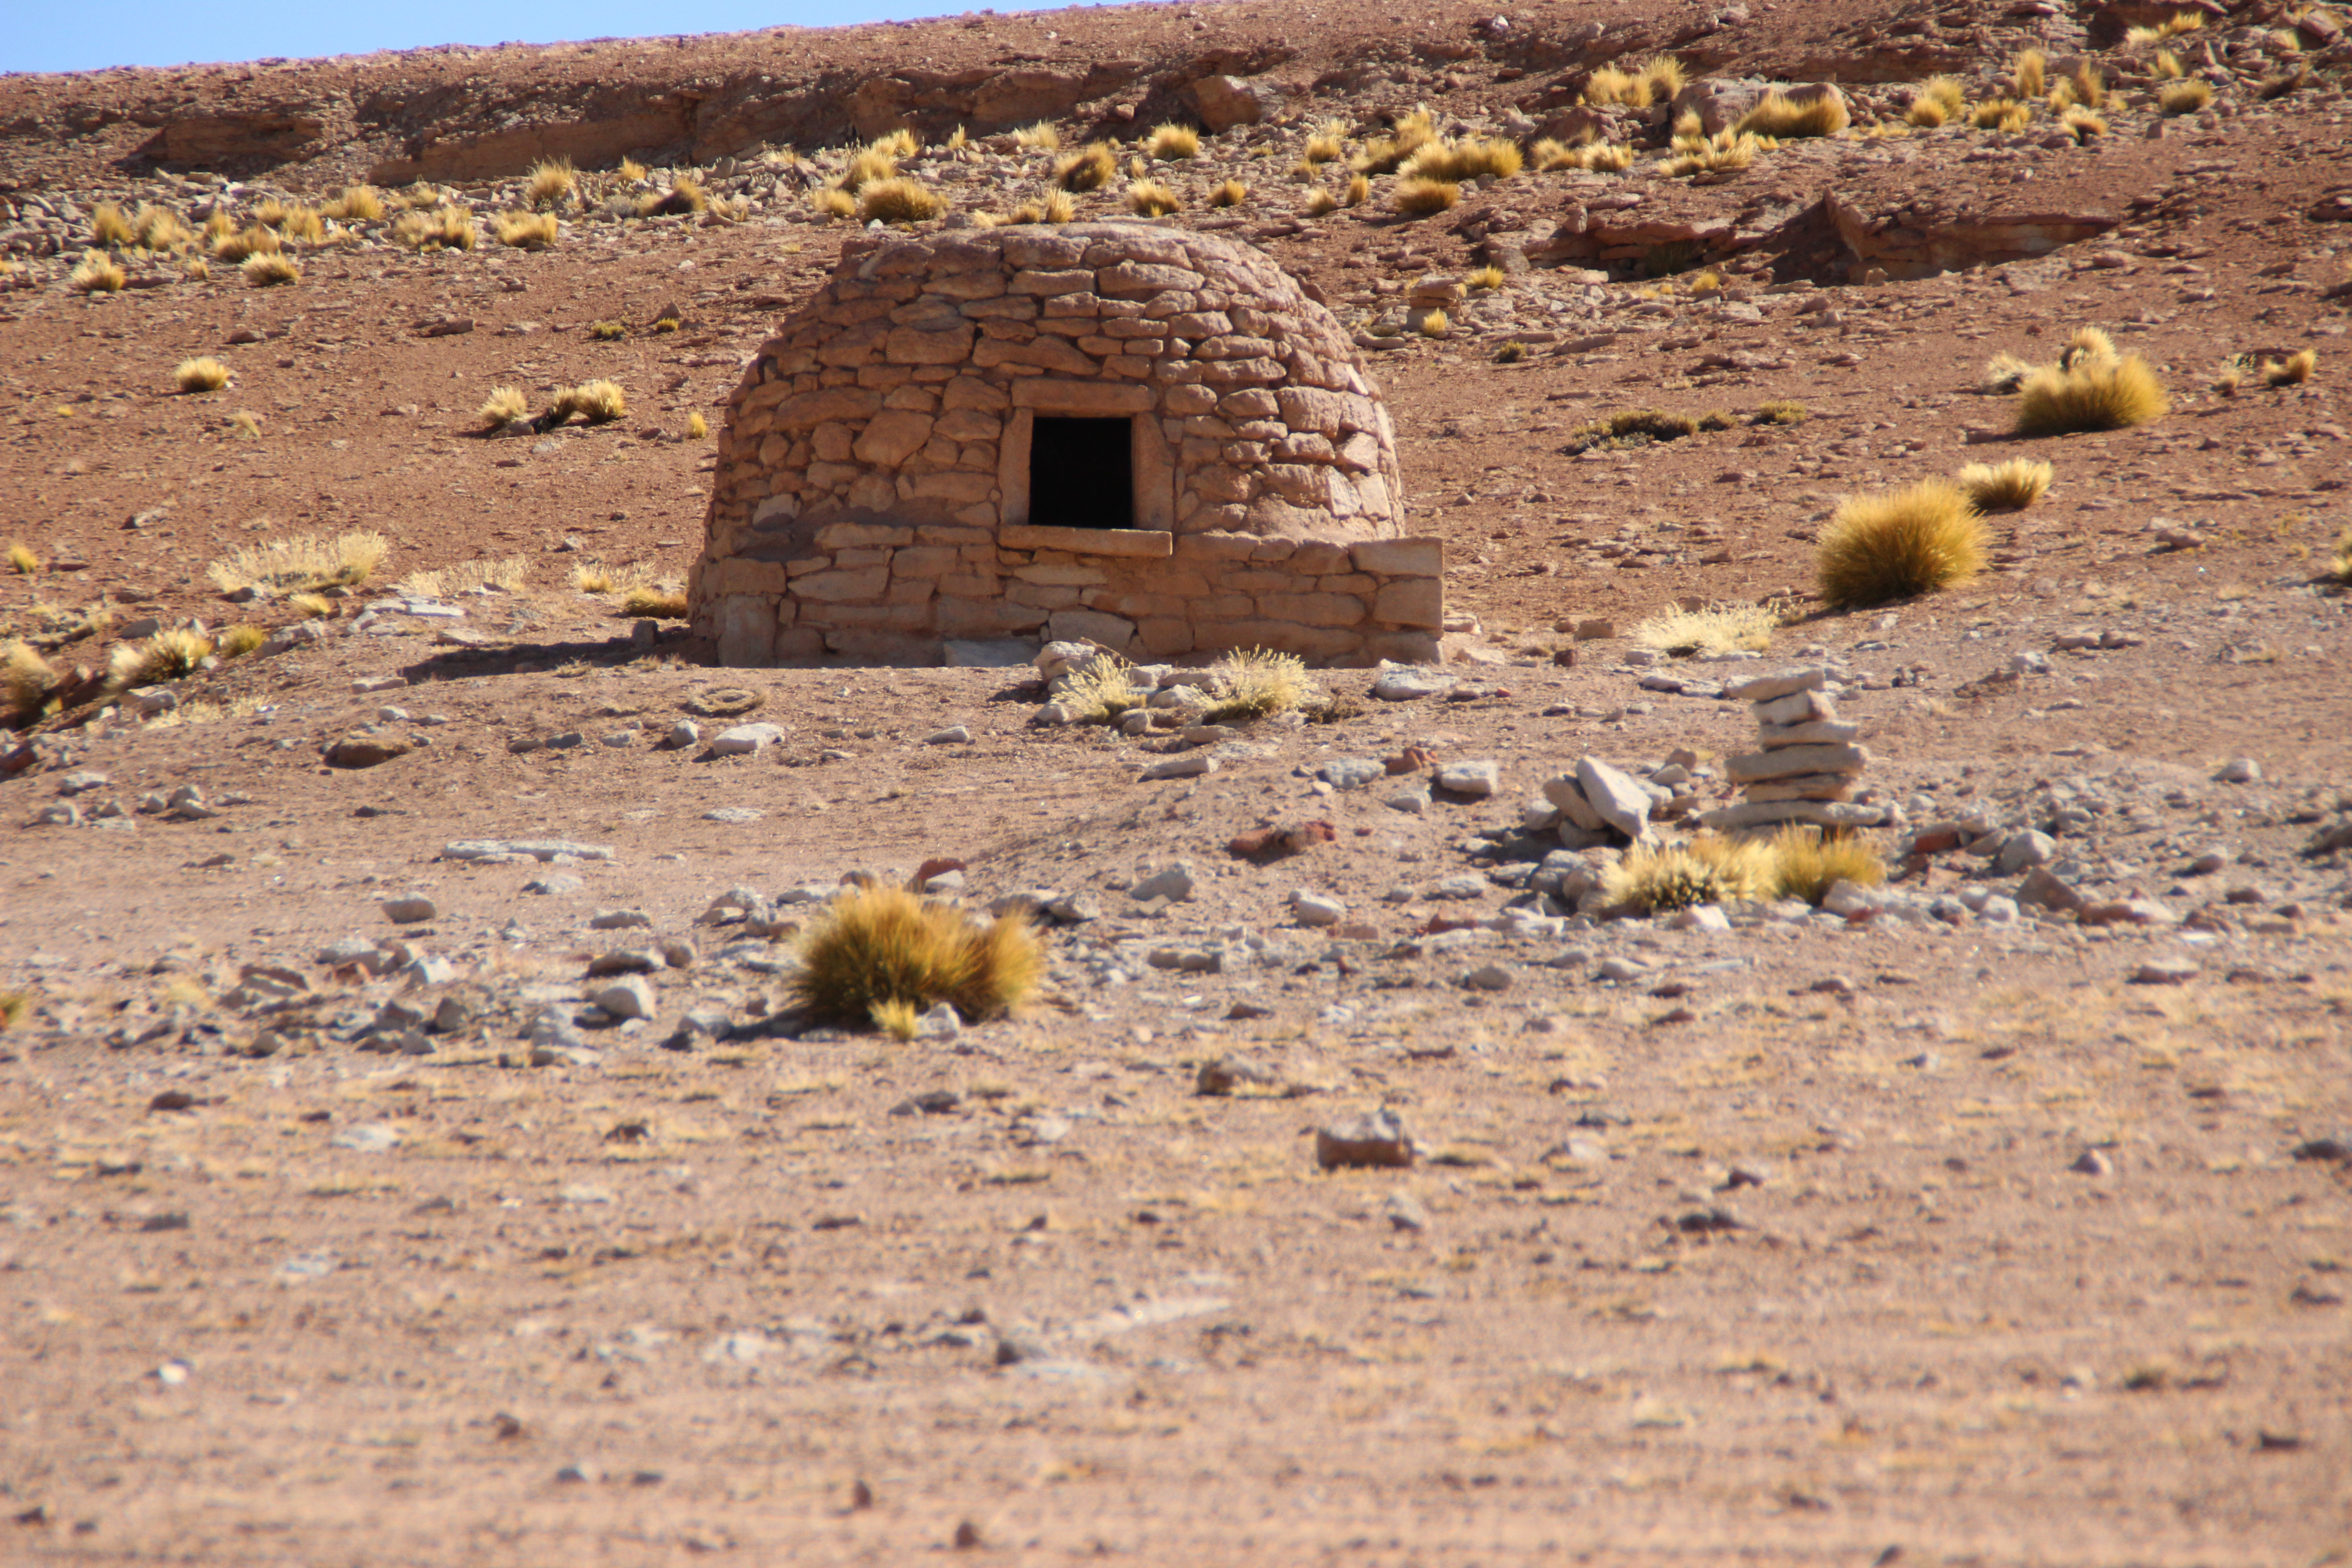 Stone oven